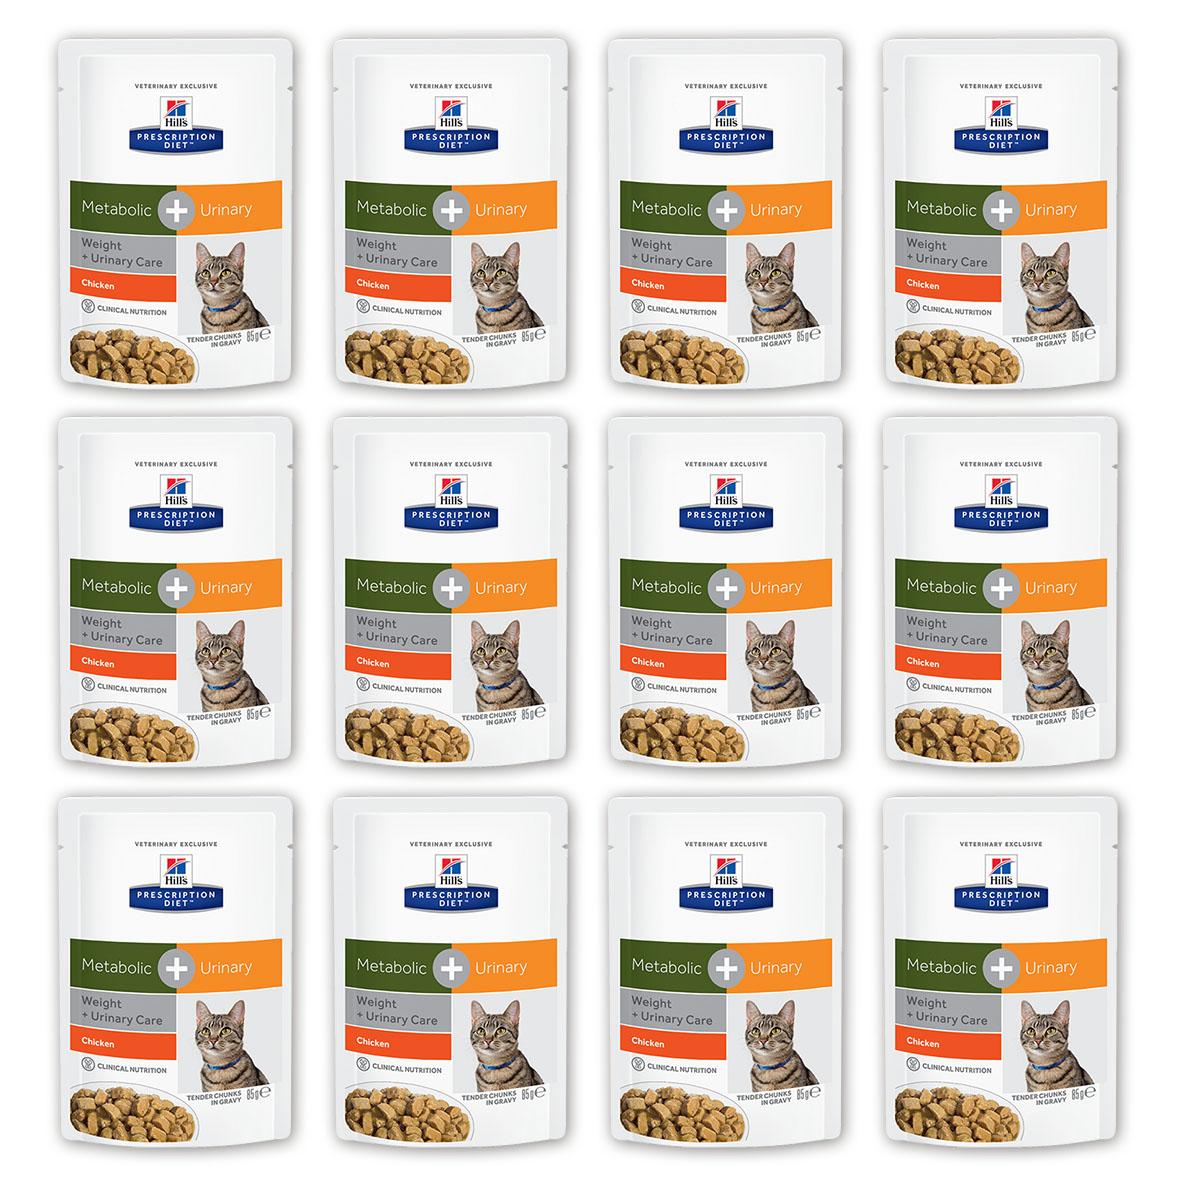 Консервы для кошек Hills Metabolic + Urinary, для коррекции веса при урологических заболеваниях, с курицей, 85 г, 12 шт24Консервы Hills Metabolic + Urinary - полноценный диетический рацион с клинически доказанной способностью уменьшать вероятность повторного проявления основных признаков заболеваний нижнего отдела мочевыводящих путей, и снижать вес на 11% за 60 дней. Ключевые преимущества- Комплекс нутриентов c клинически доказанной эффективностью в рационе Metabolic + Urinary учитывает индивидуальные энергетические потребности кошки, оптимизируя процесс сжигания жиров и влияя на эффективное использование калорий -Позволяет избежать повторного набора веса после прохождения программы по снижению веса- Клинически доказано: эффективно растворяет струвиты - Помогает вашей кошке оставаться сытой и удовлетворенной между кормлениями- Превосходный вкус, который понравится любой кошке.Рационы Hills Prescription Diet клинически протестированы, разработаны для поддержания и коррекции состояния у животных, имеющих проблемы со здоровьем при сохранении превосходных вкусовых характеристик. Состав: Мясо и производные животного происхождения, производные растительного происхождения, злаки, овощи, различные сахара, масла и жиры, экстракт растительного протеина, минералы, DL-метионин. Анализ: протеин 7,5 %, жиры 2,6 %, клетчатка (общая) 2,1 %, зола 1,1%, влага 81,0 %, кальций 0,15 %, фосфор 0,14 %, натрий 0,07 %, калий 0,13 %, магний 0,001 %, хлорид 0,16 %, сера 0,14 %.Добавки: витамин Е10 130 мг/кг, бета-каротин 0,3 мг/кг, таурин 535 мг, витамин D3 200 ме, железо 32,4 мг, йод 0,6 мг, медь 6,9 мг, марганец 3 мг, цинк 34,2 мг. Окрашено натуральной карамелью. Метаболизируемая энергия (расчет): 2,9 МДж/кг.Уважаемые клиенты! Обращаем ваше внимание на возможные изменения в дизайне упаковки. Качественные характеристики товара остаются неизменными. Поставка осуществляется в зависимости от наличия на складе.